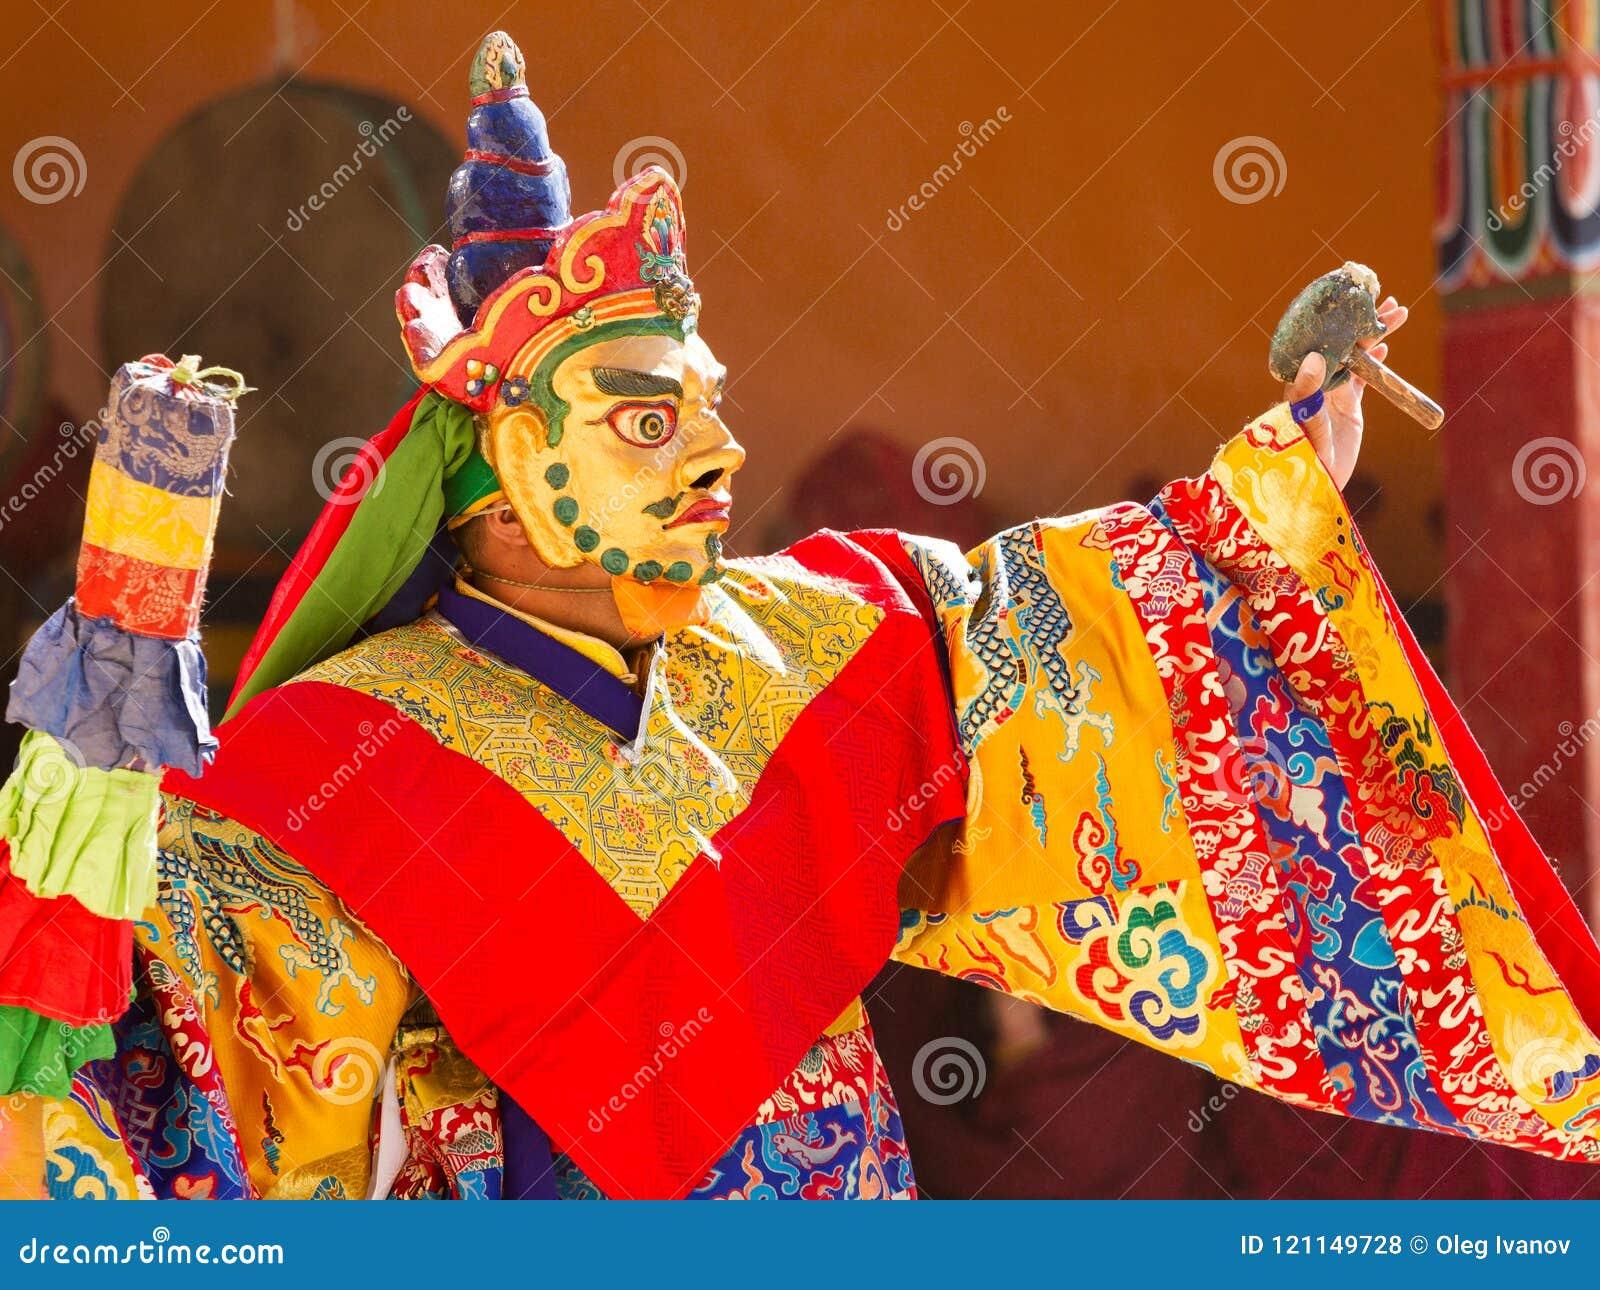 El monje realiza una danza sagrada enmascarada y vestida del tibetano Budd